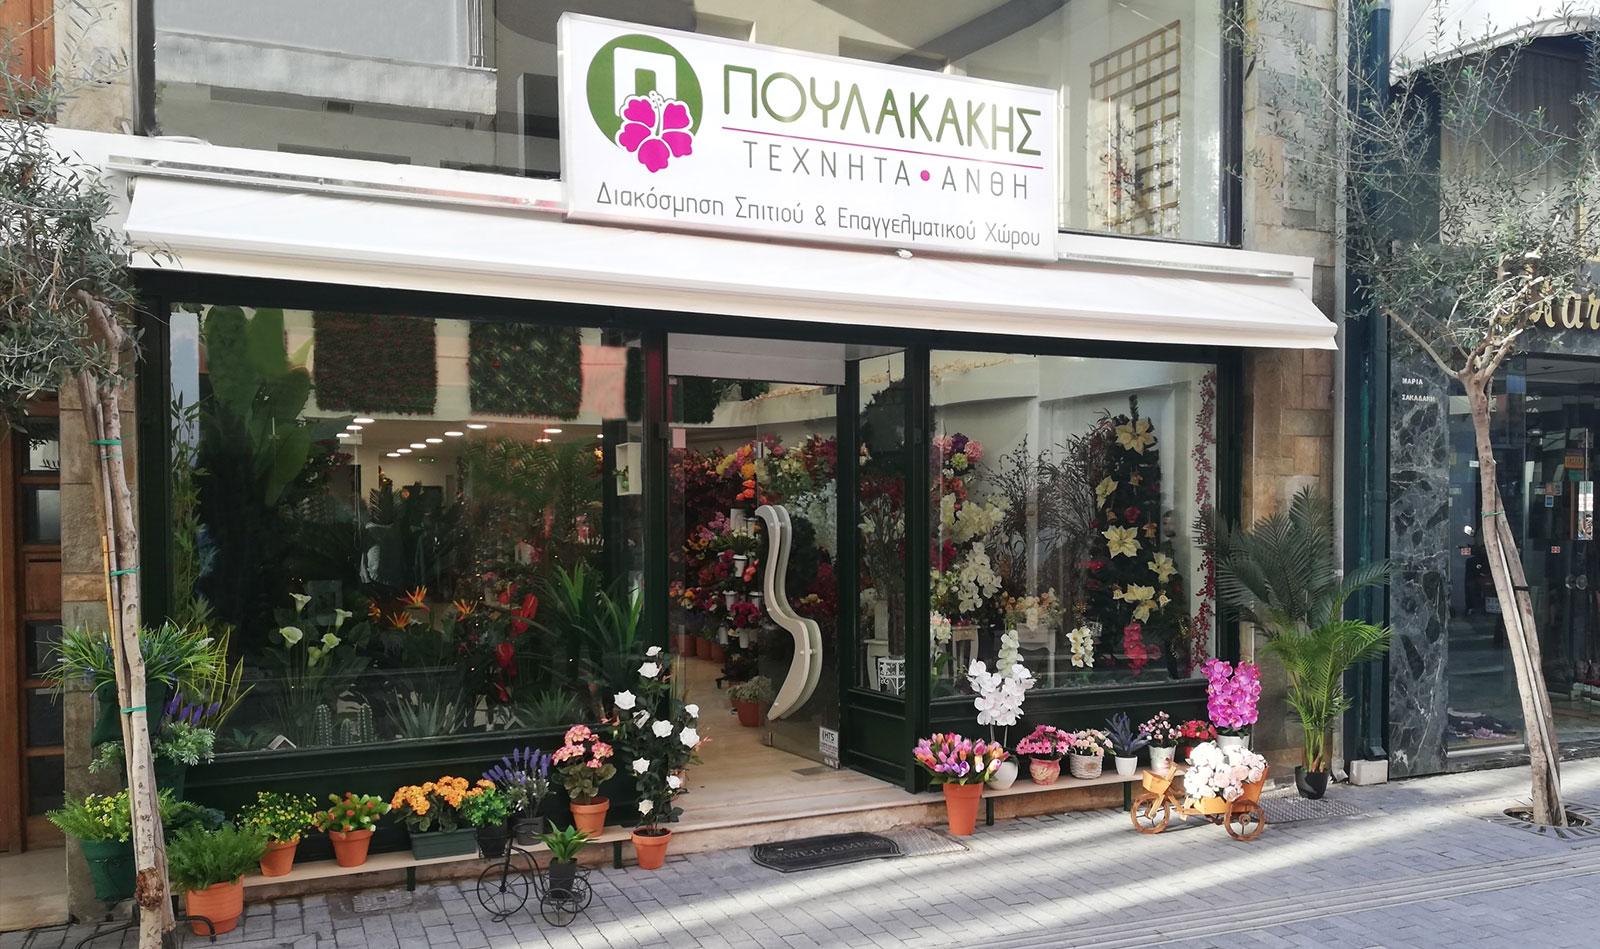 Πουλακάκης - Τεχνητά άνθη